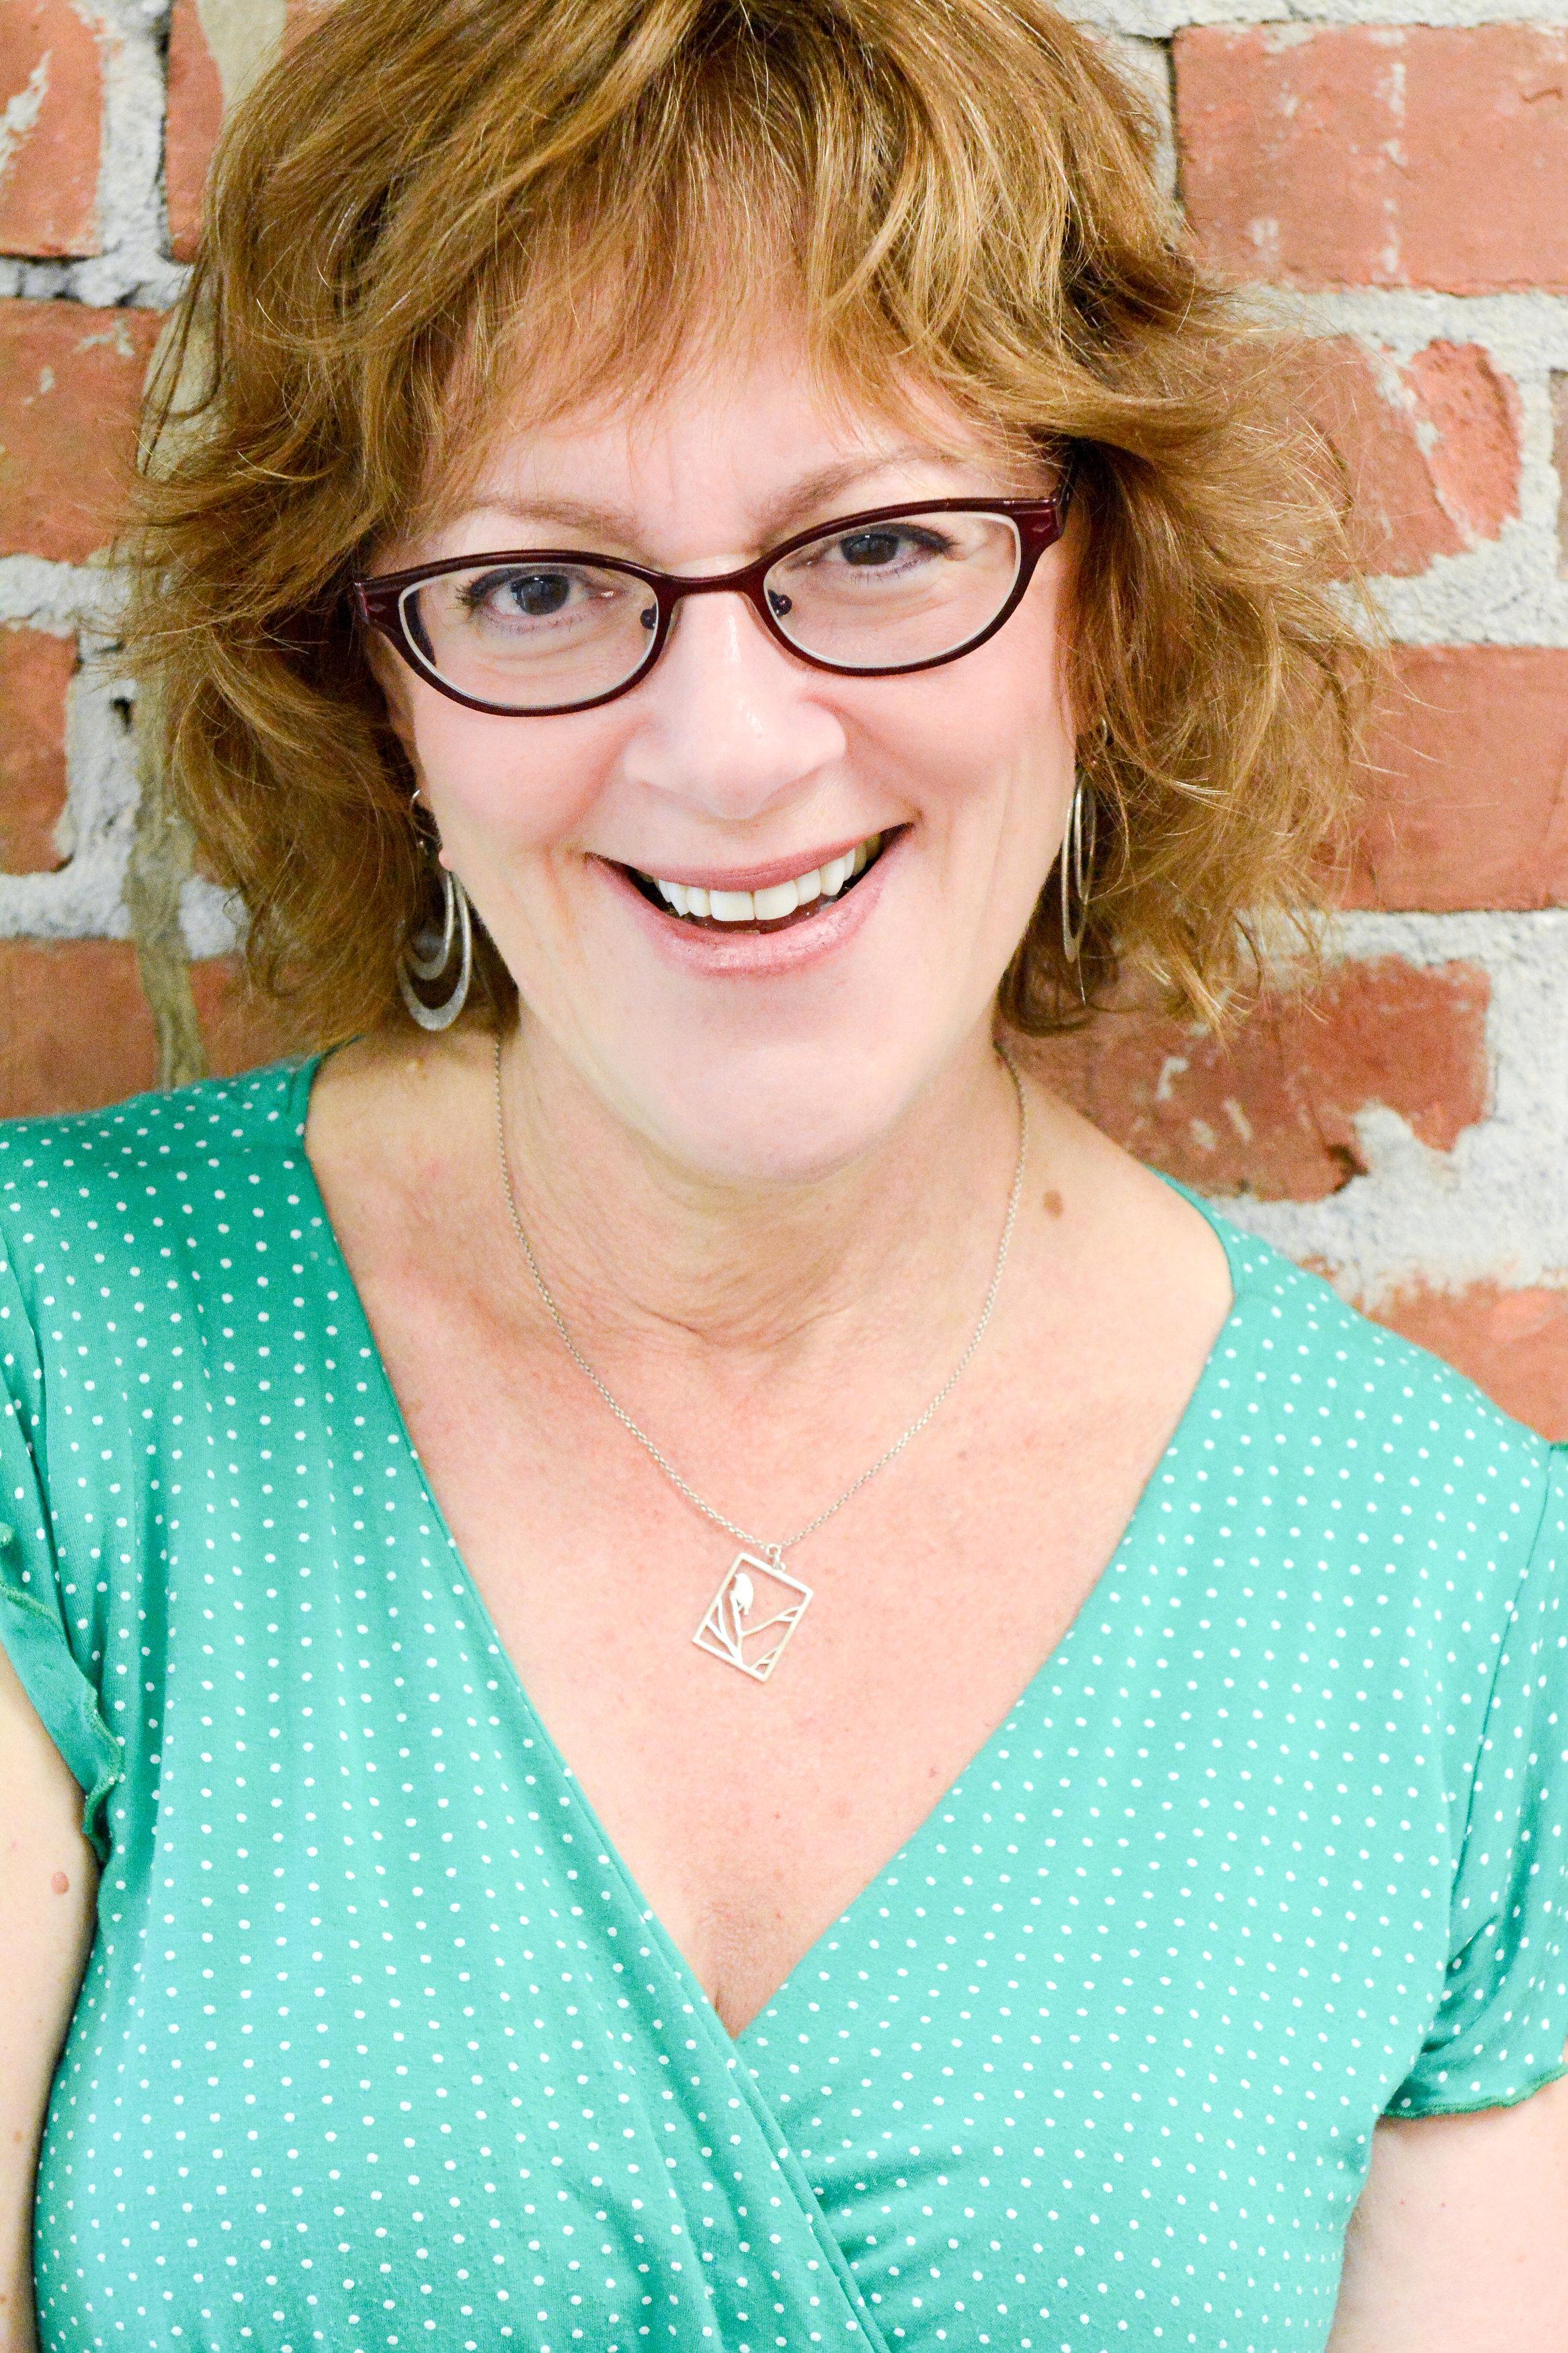 (c) Miriam Linderman